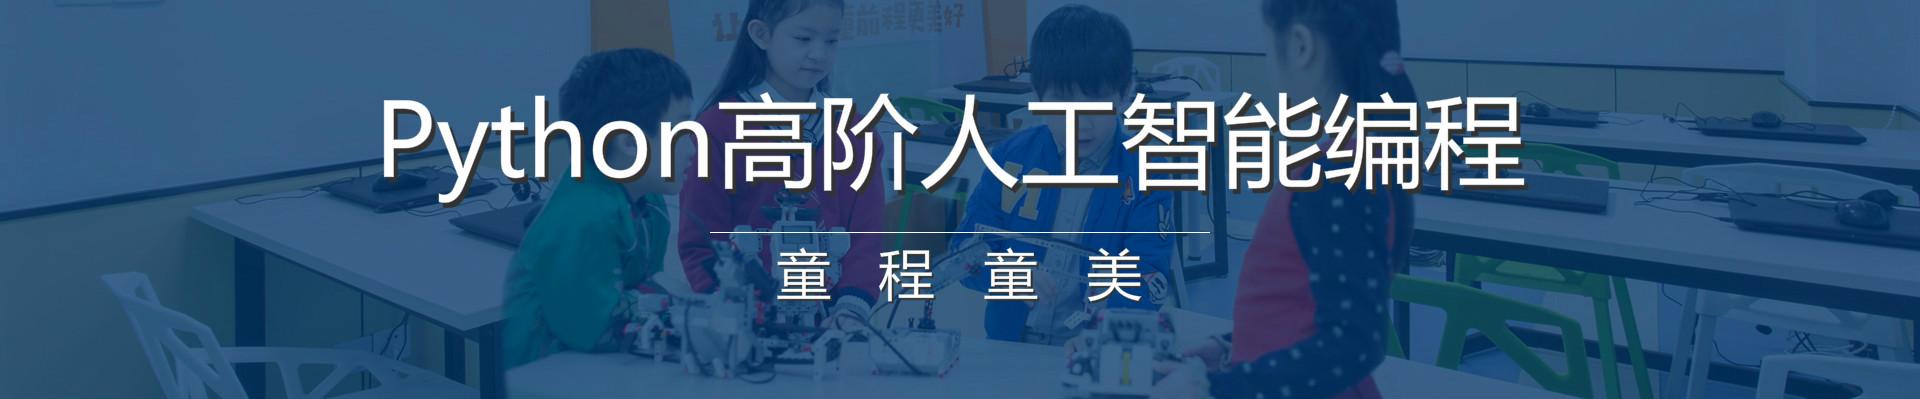 成都川师童程童美少儿编程培训